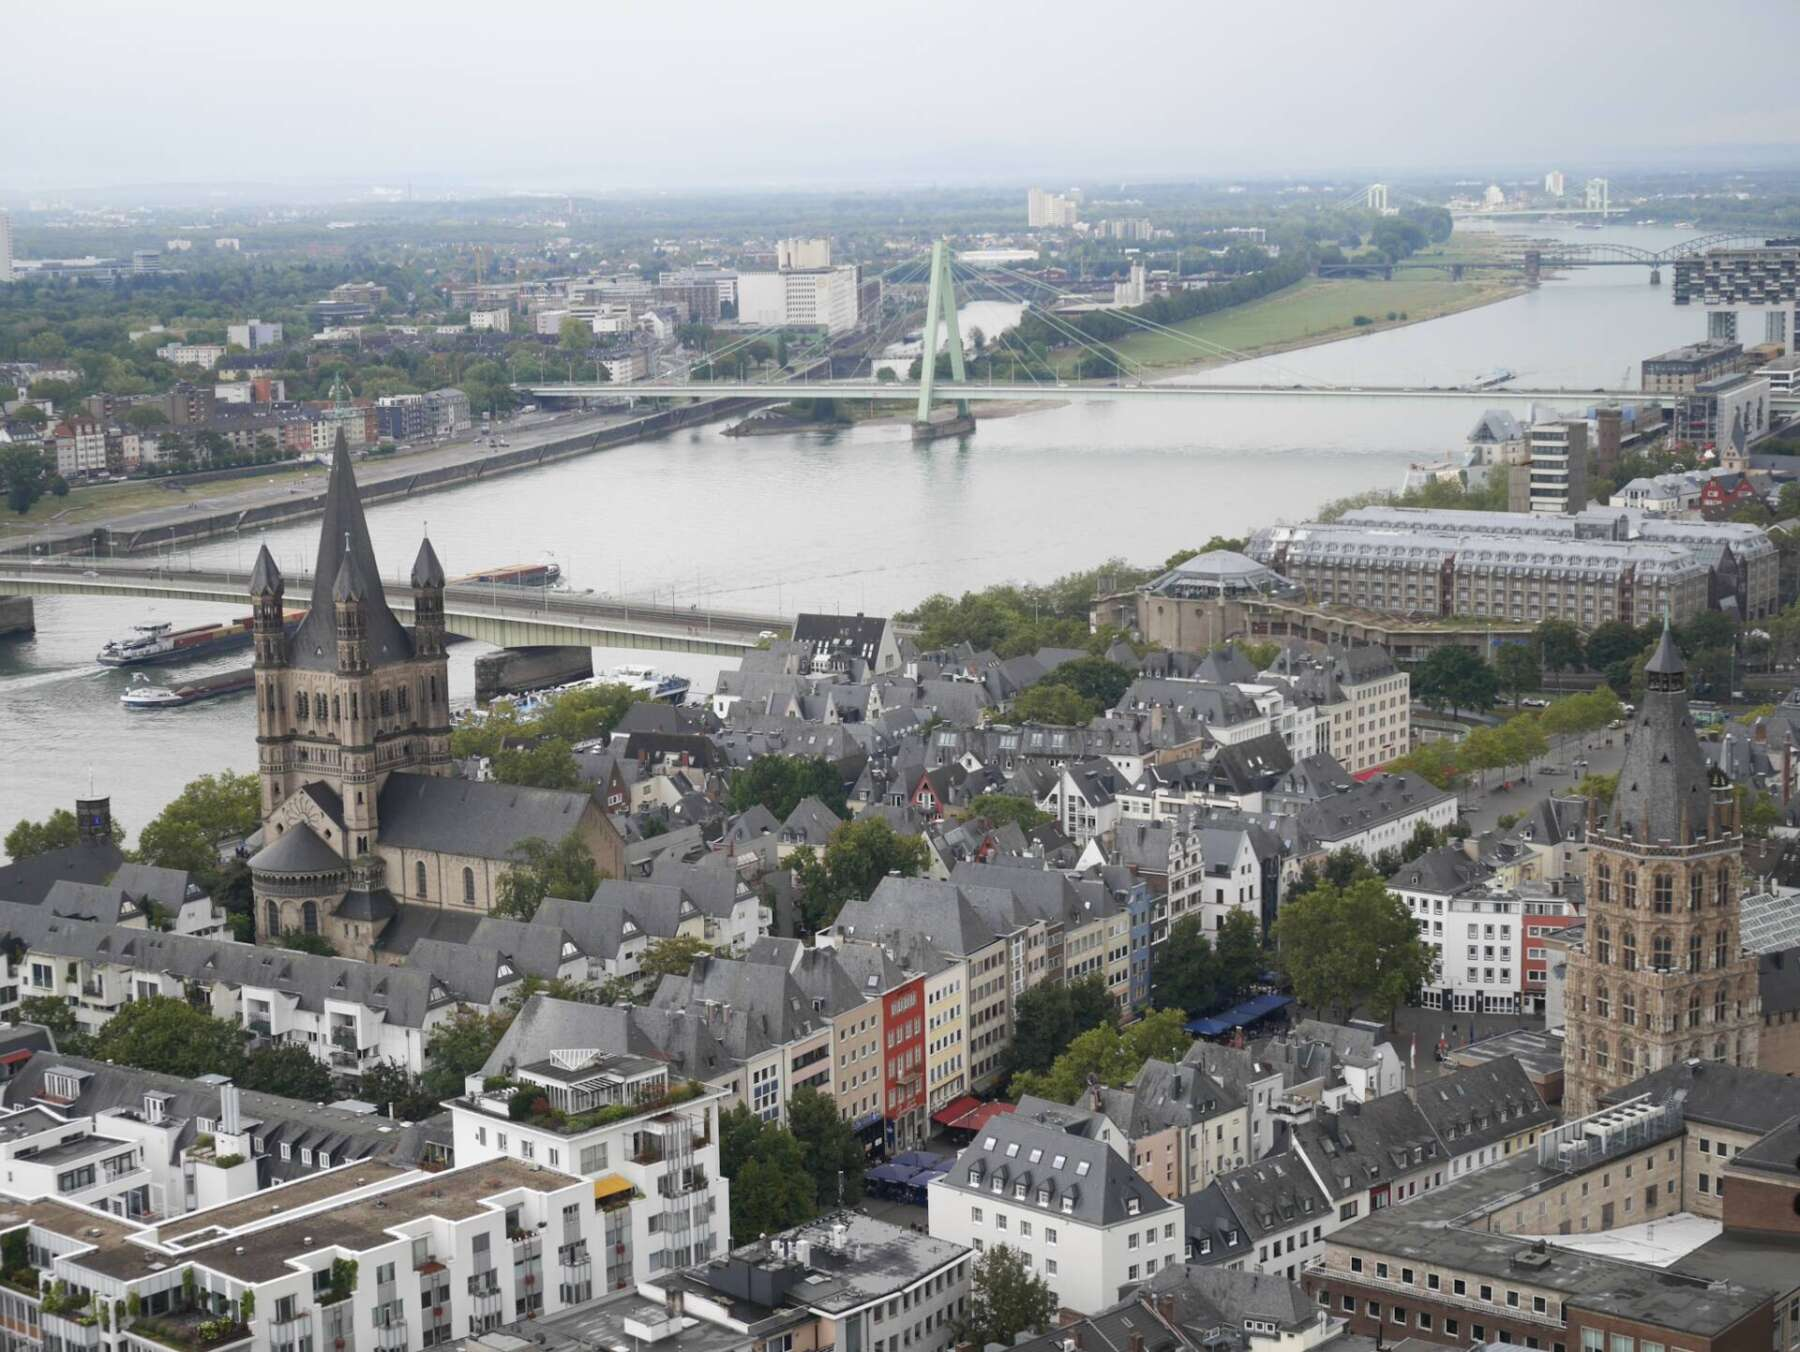 วิวของเมืองโคโลญจากด้านบนหอคอยของมหาวิหารโคโลญ (Cologne Cathedral)